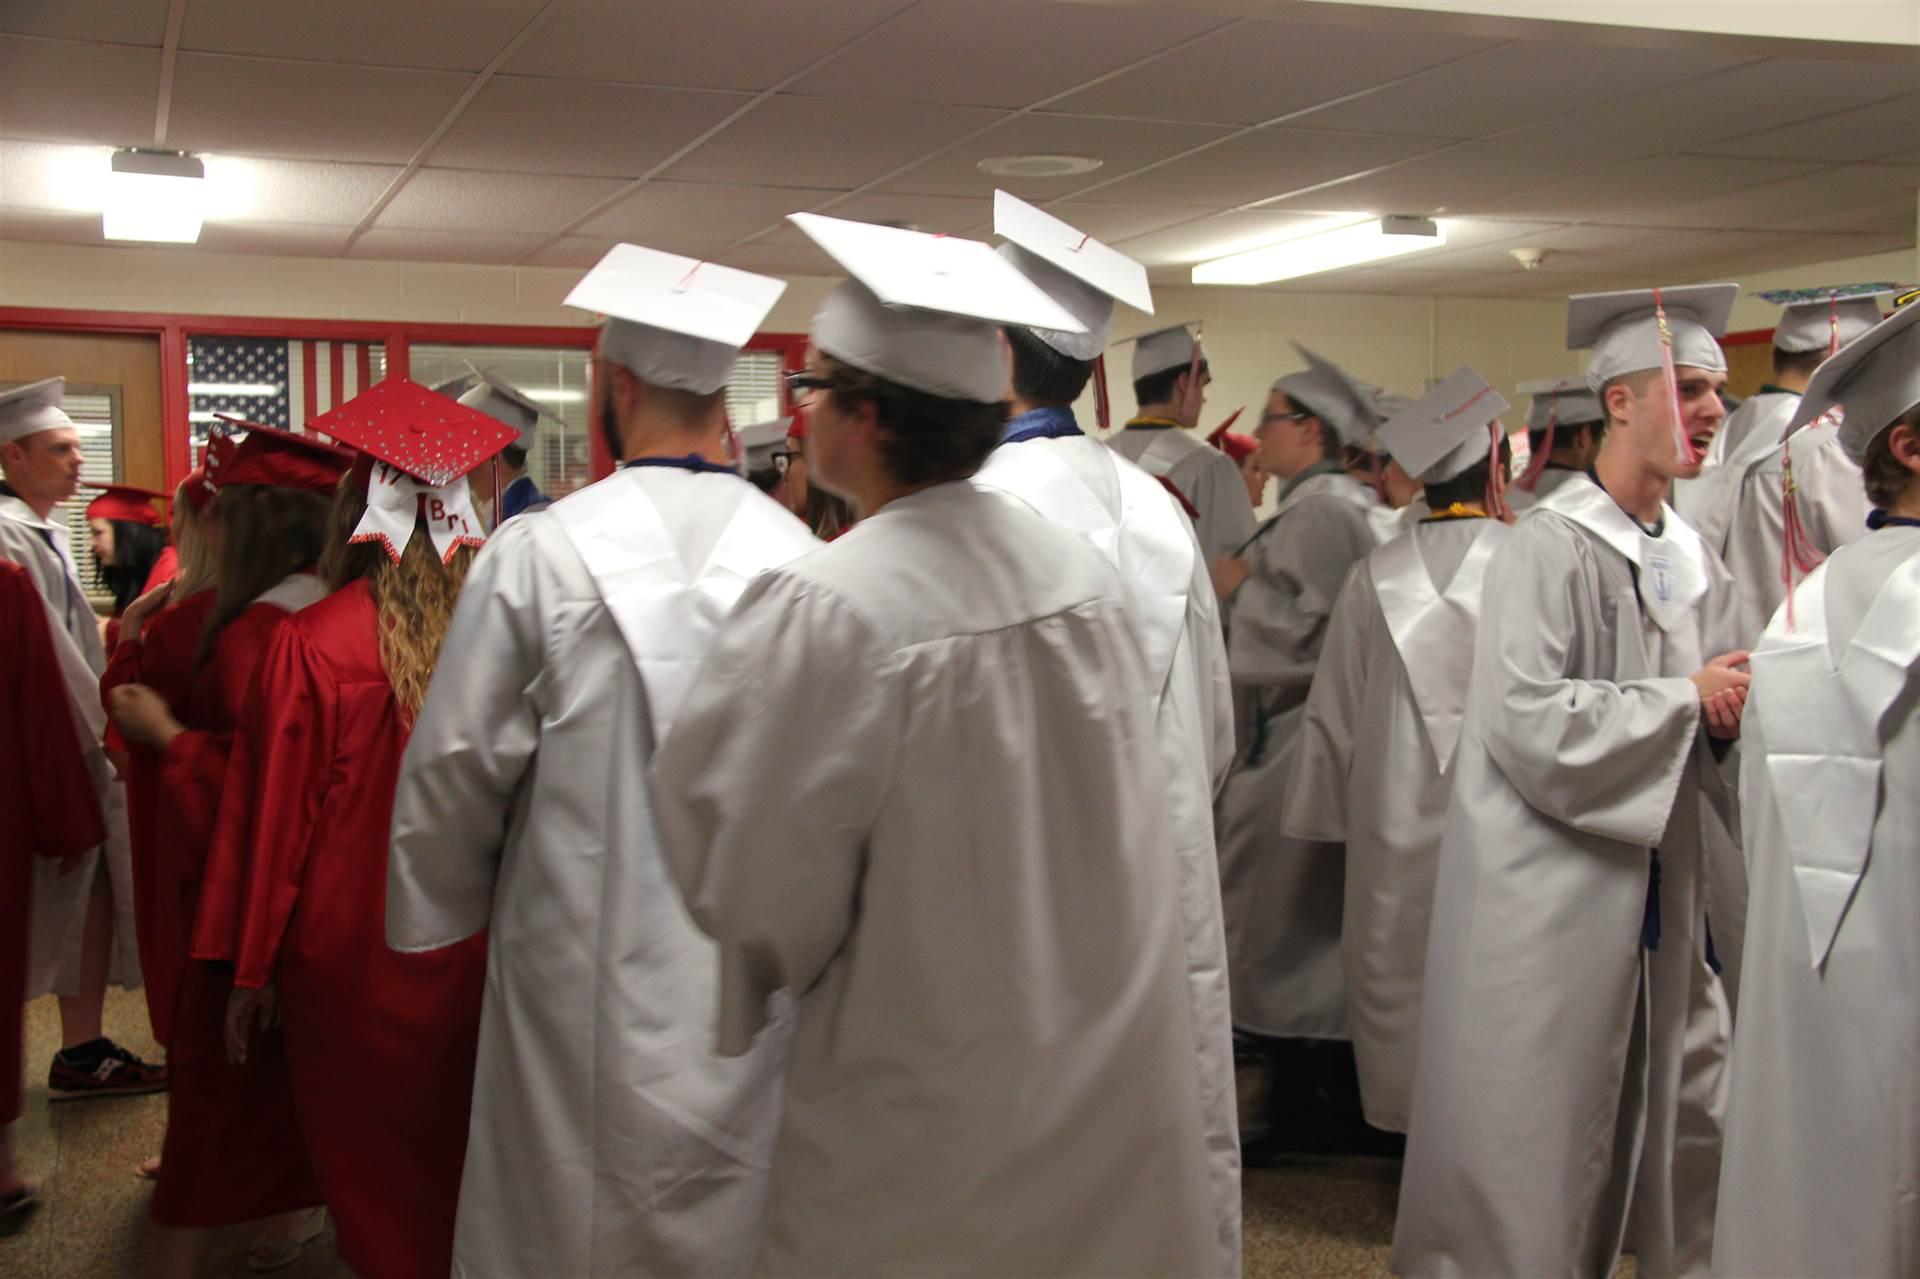 photo 10 from 2017 C V Graduation.